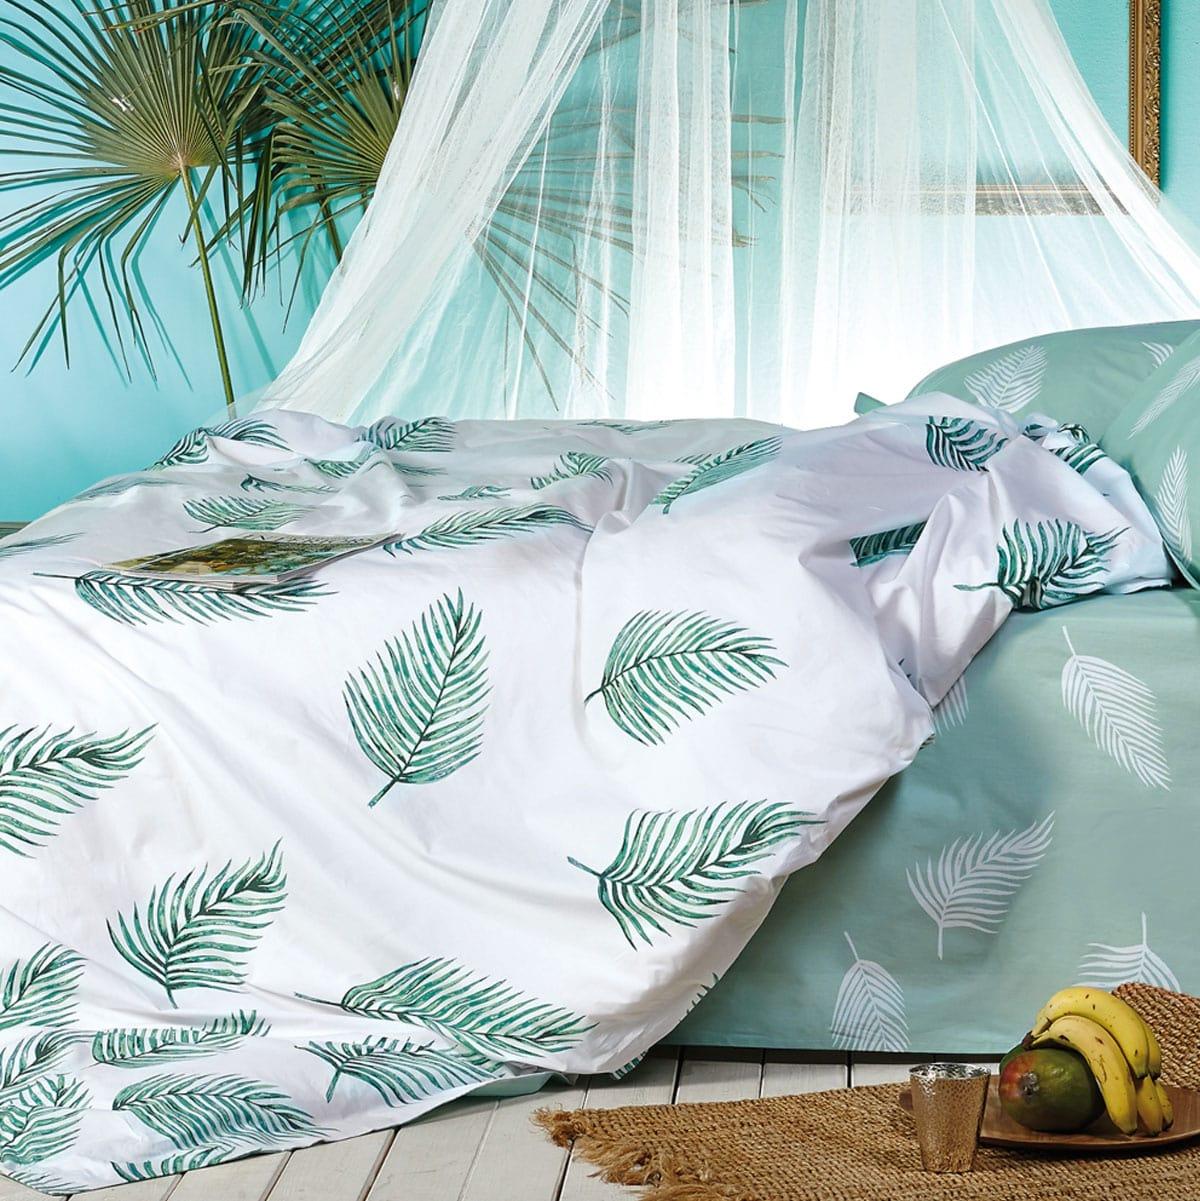 Κουβερλί Riva 2 Green-White Kentia King Size 270x270cm